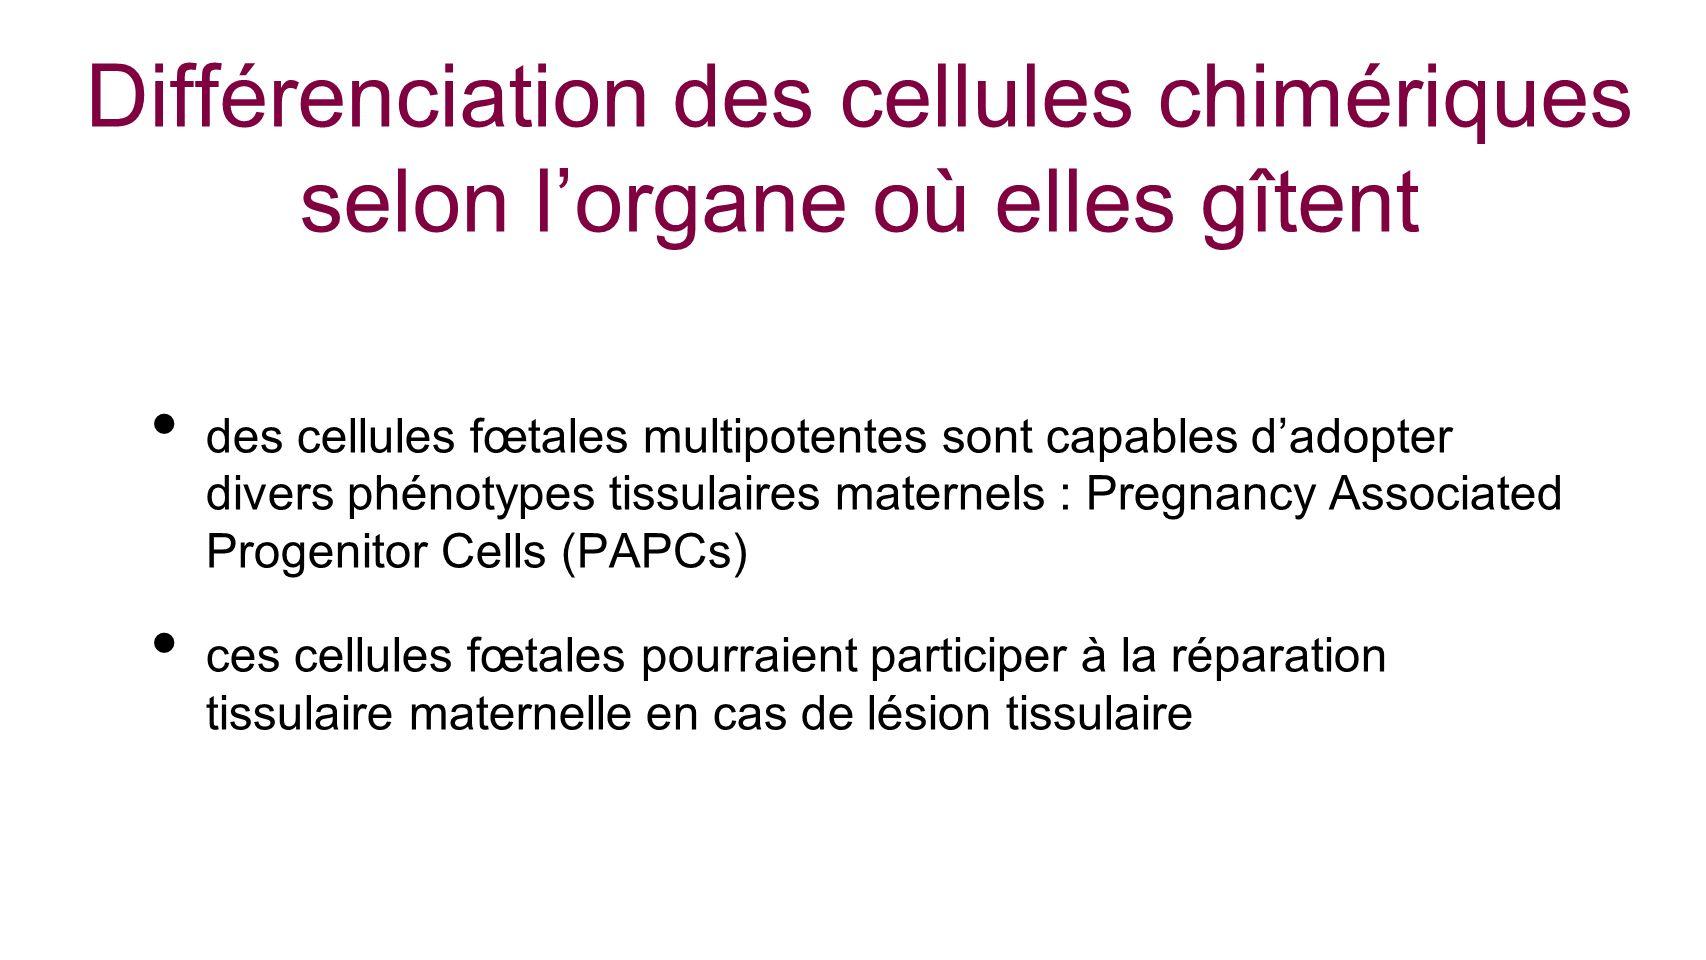 Différenciation des cellules chimériques selon l'organe où elles gîtent